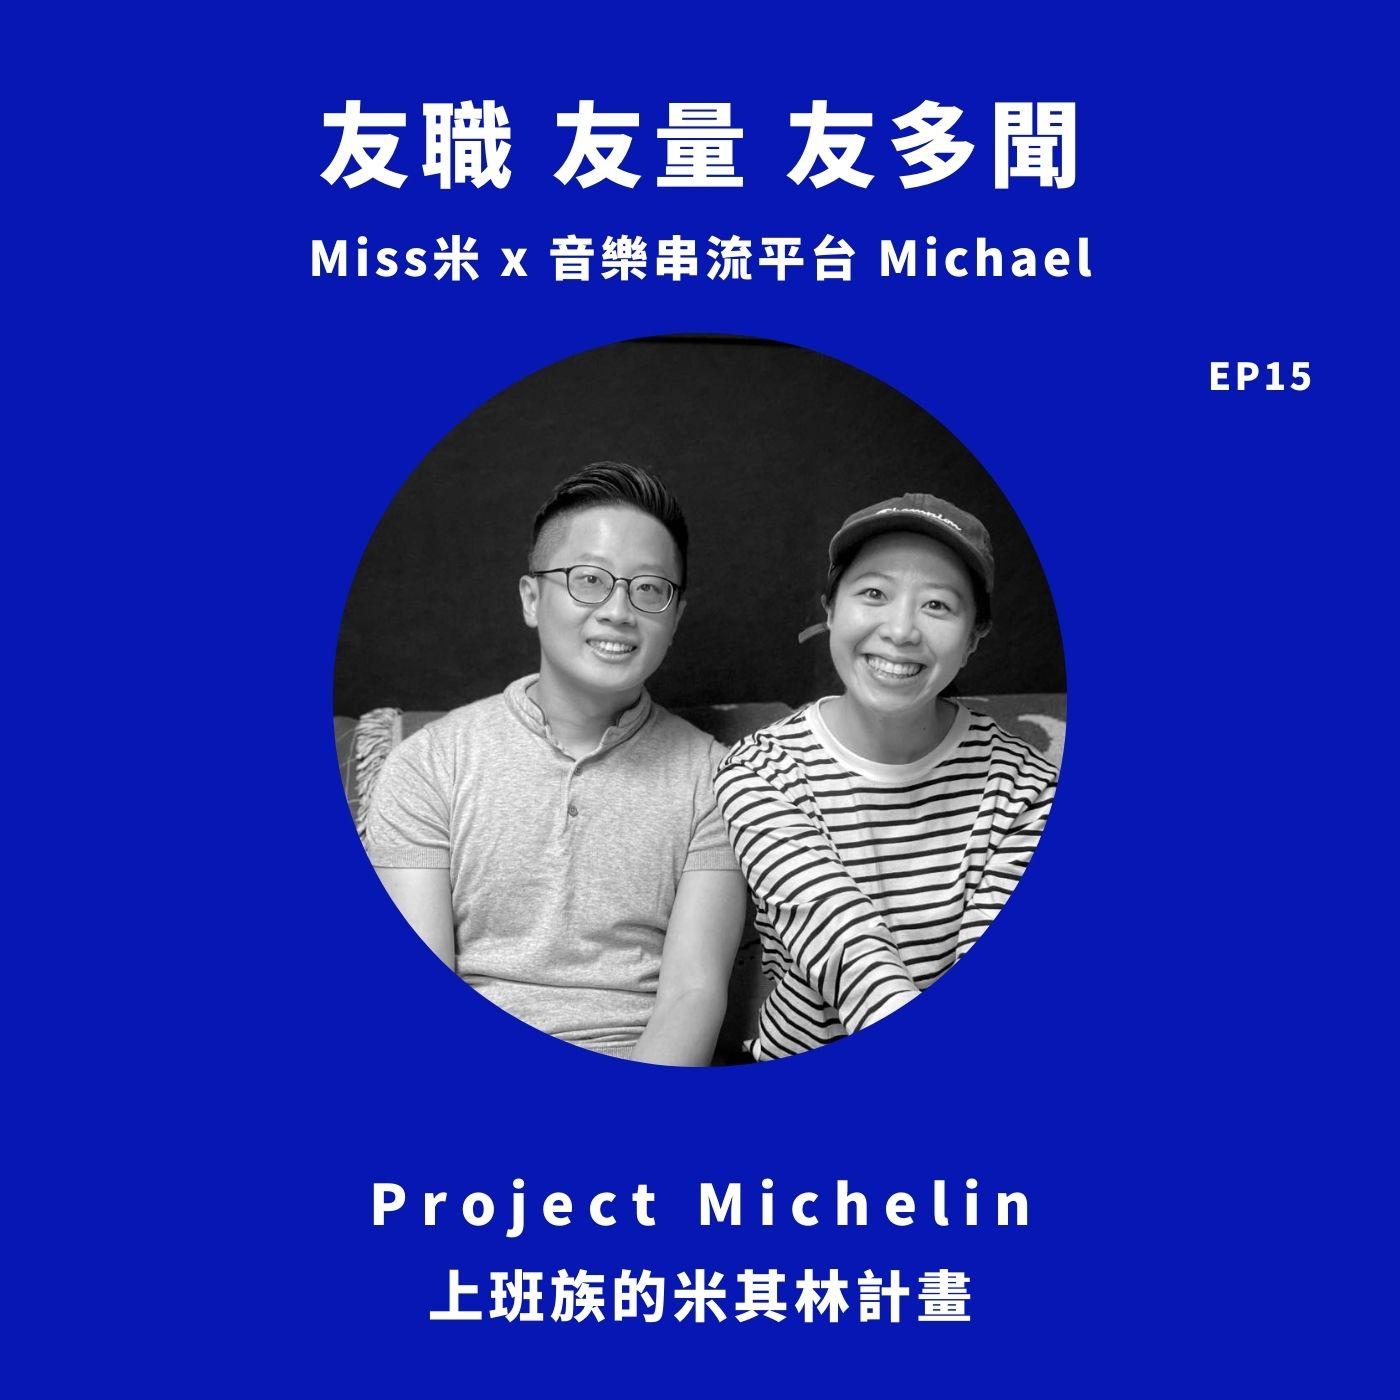 EP15  音樂串流平台 Michael x 海外商務開發 x 跑步攝影沈澱心情